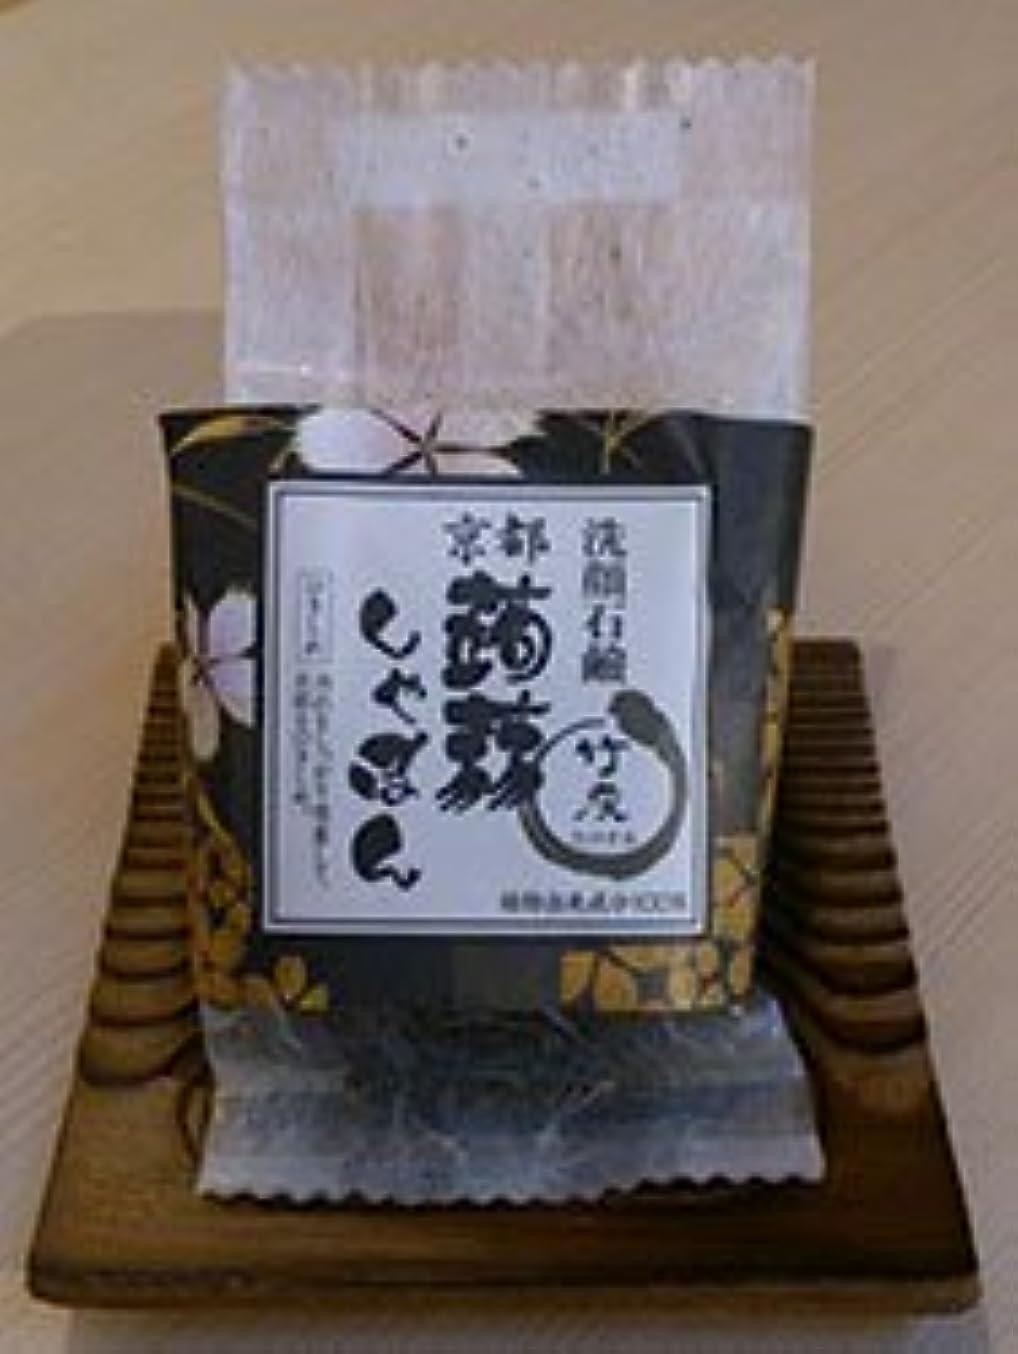 バランス合わせて摂氏度京都蒟蒻しゃぼん「竹炭 たけすみ」